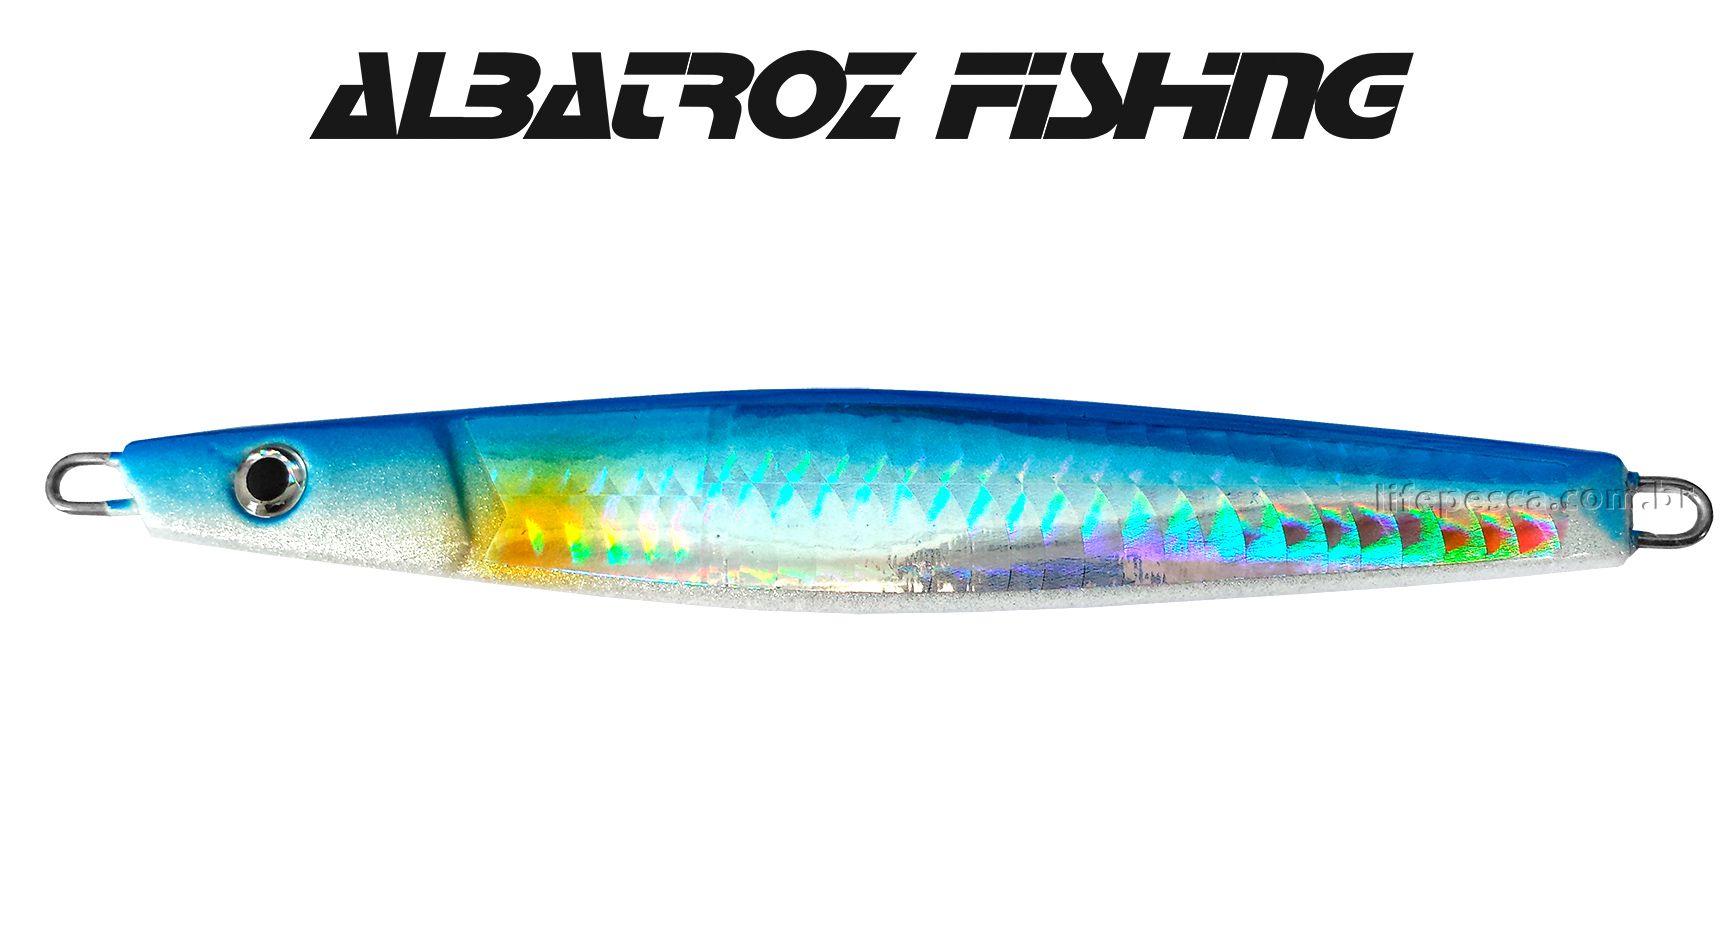 Isca Artificial Albatroz Fishing  Jumping Jig Dragon (28g) - Várias Cores  - Life Pesca - Sua loja de Pesca, Camping e Lazer